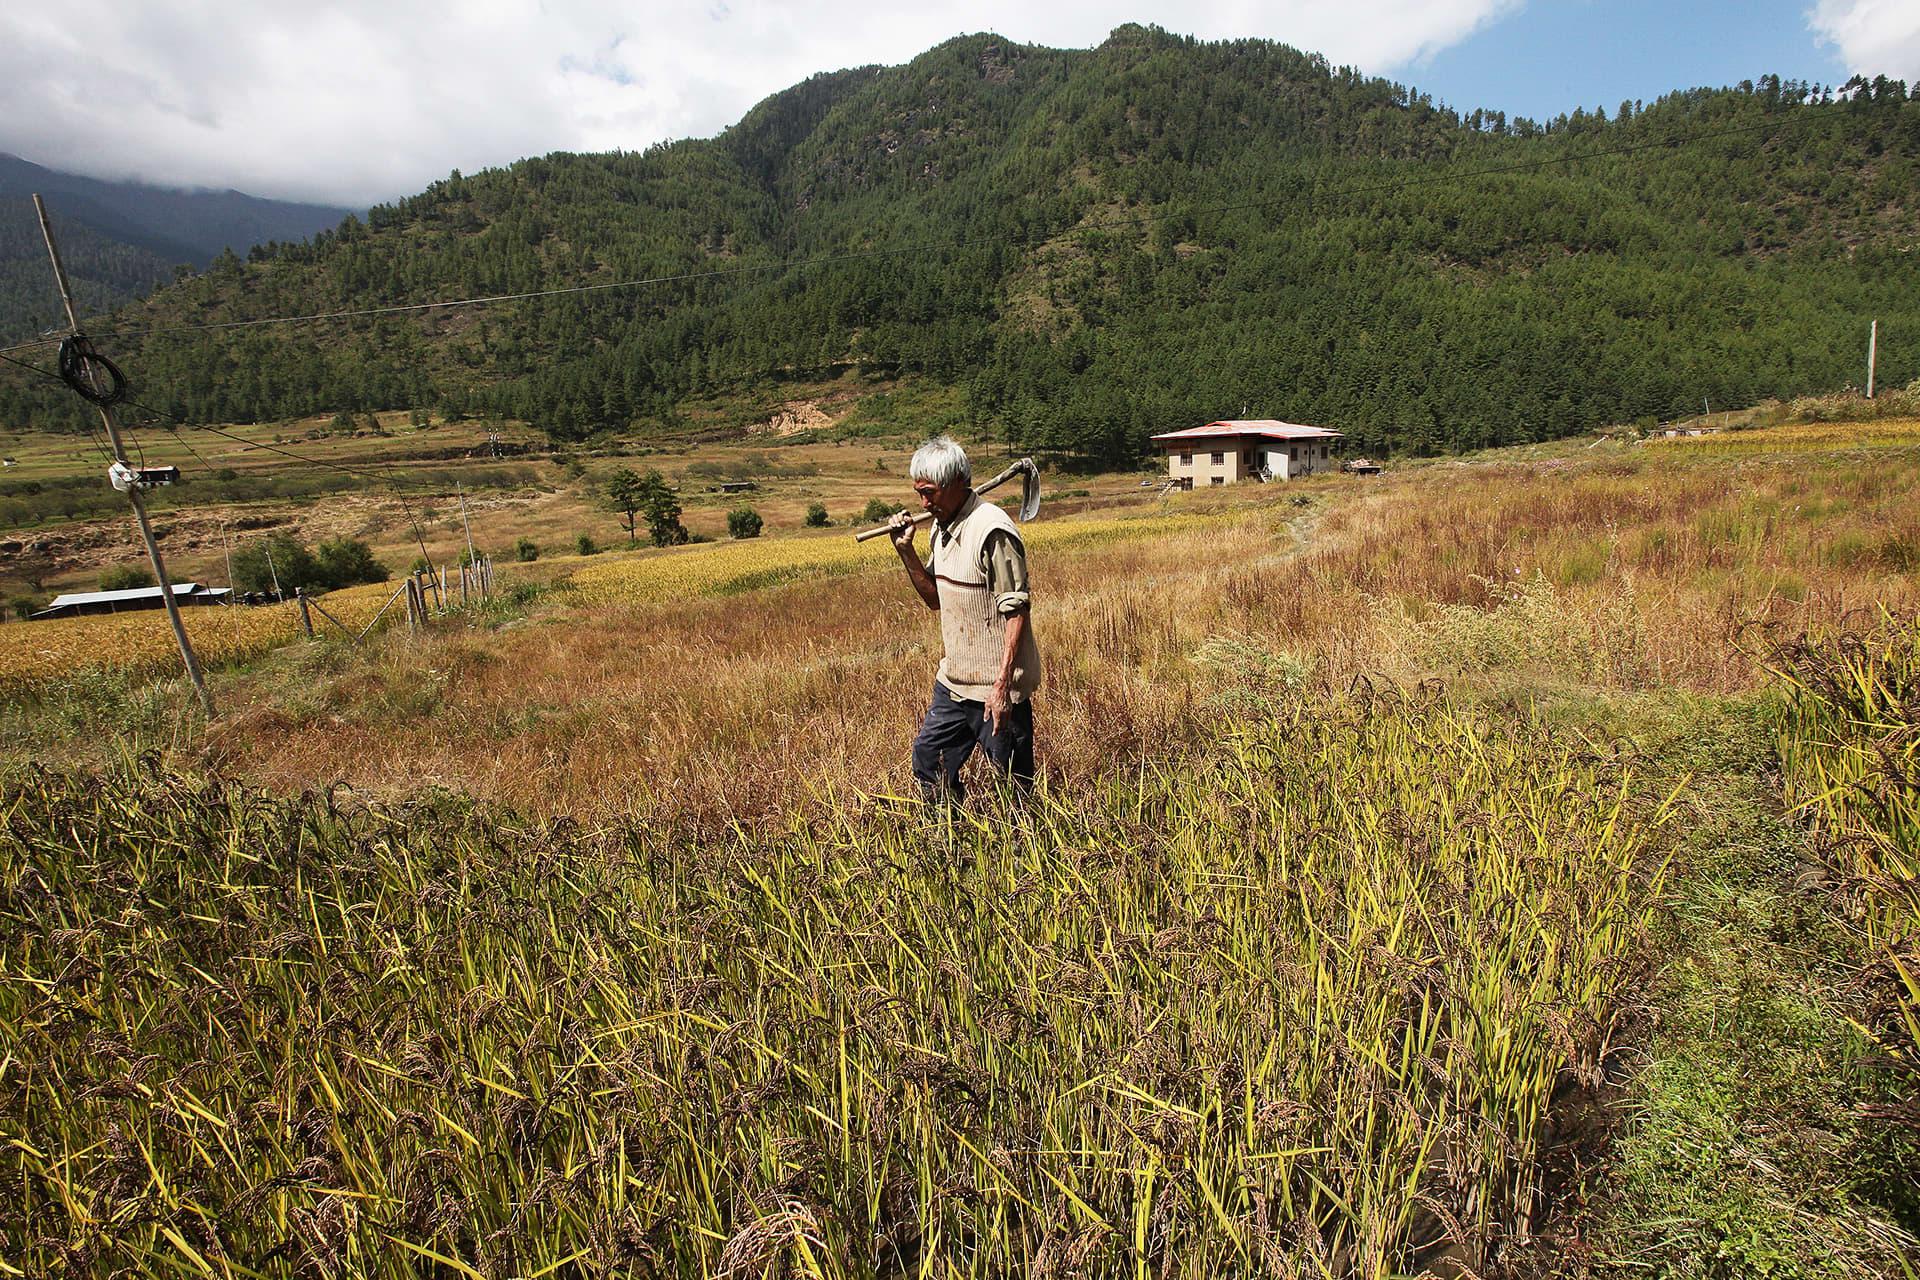 Bhutanilainen viljelijä kävelee pellolla